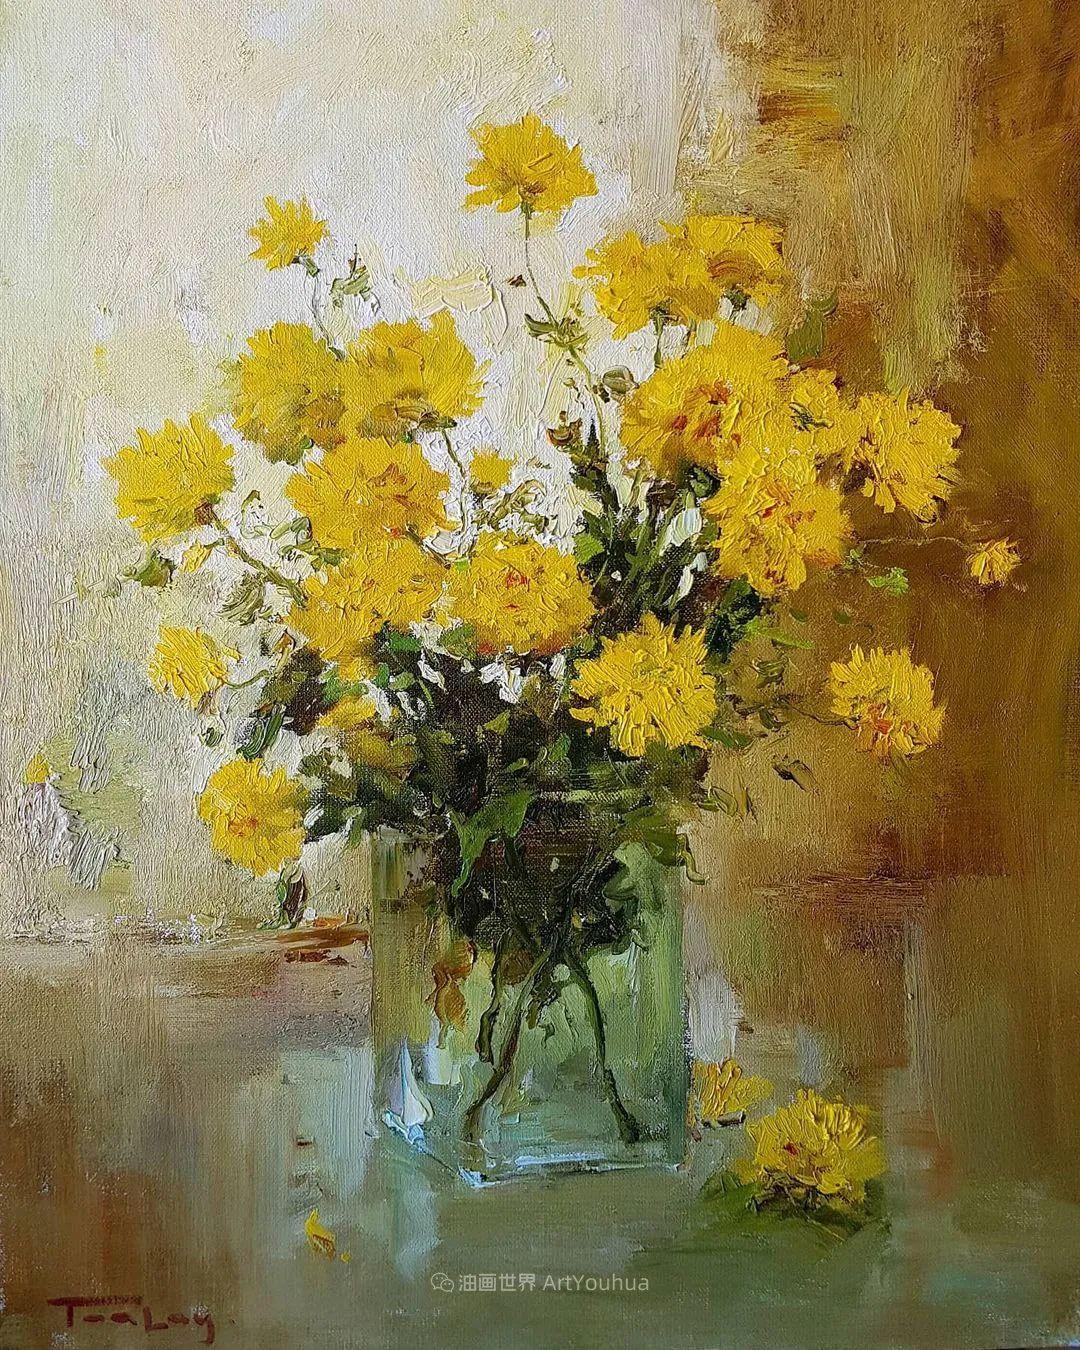 他的花儿如此生动和明亮,充满了光和微妙的东方哲学!插图43